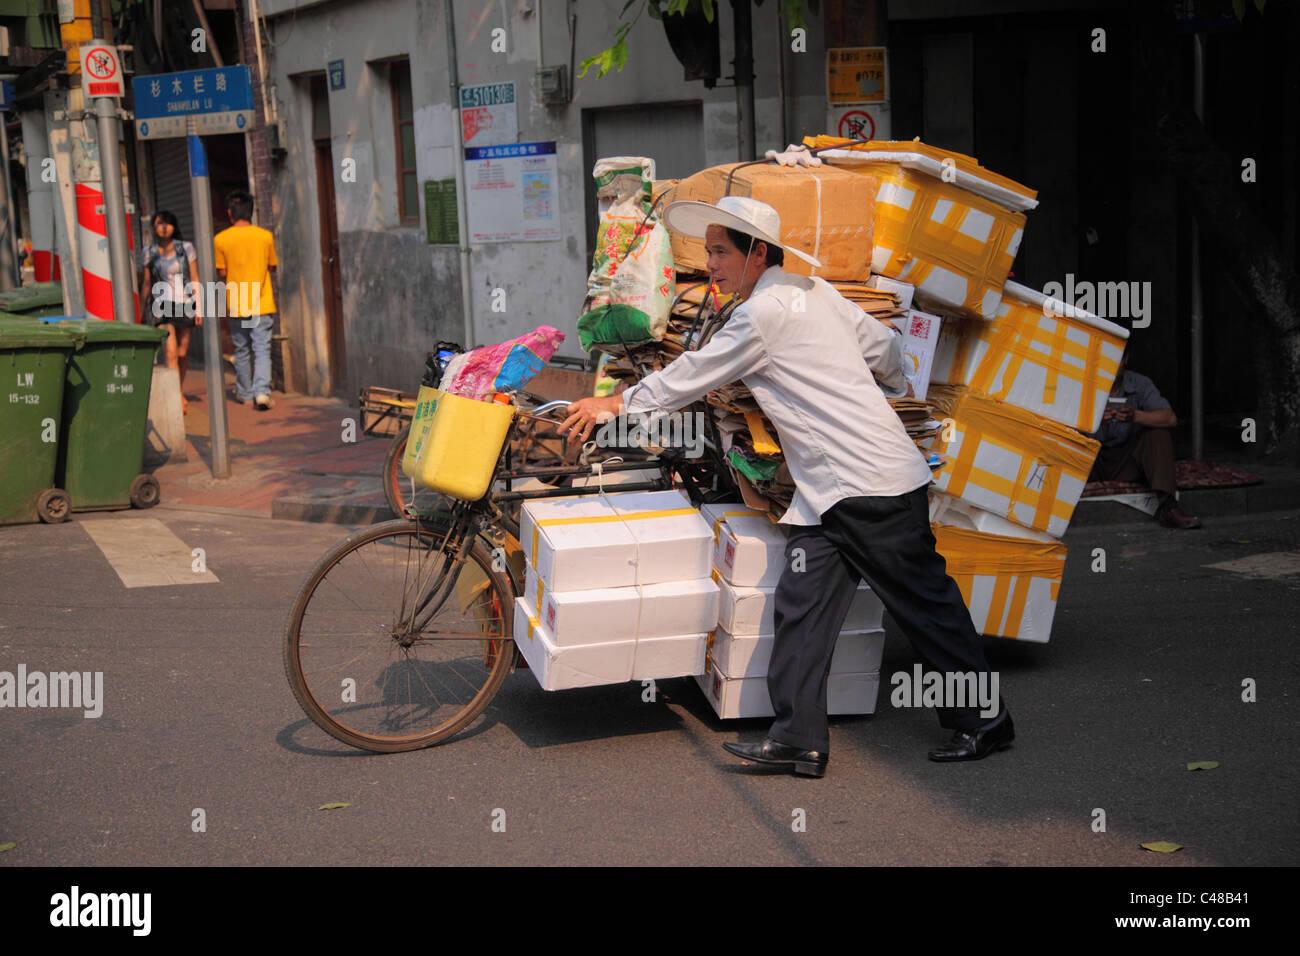 Homme pousse surchargé location, Guangzhou, Chine Banque D'Images